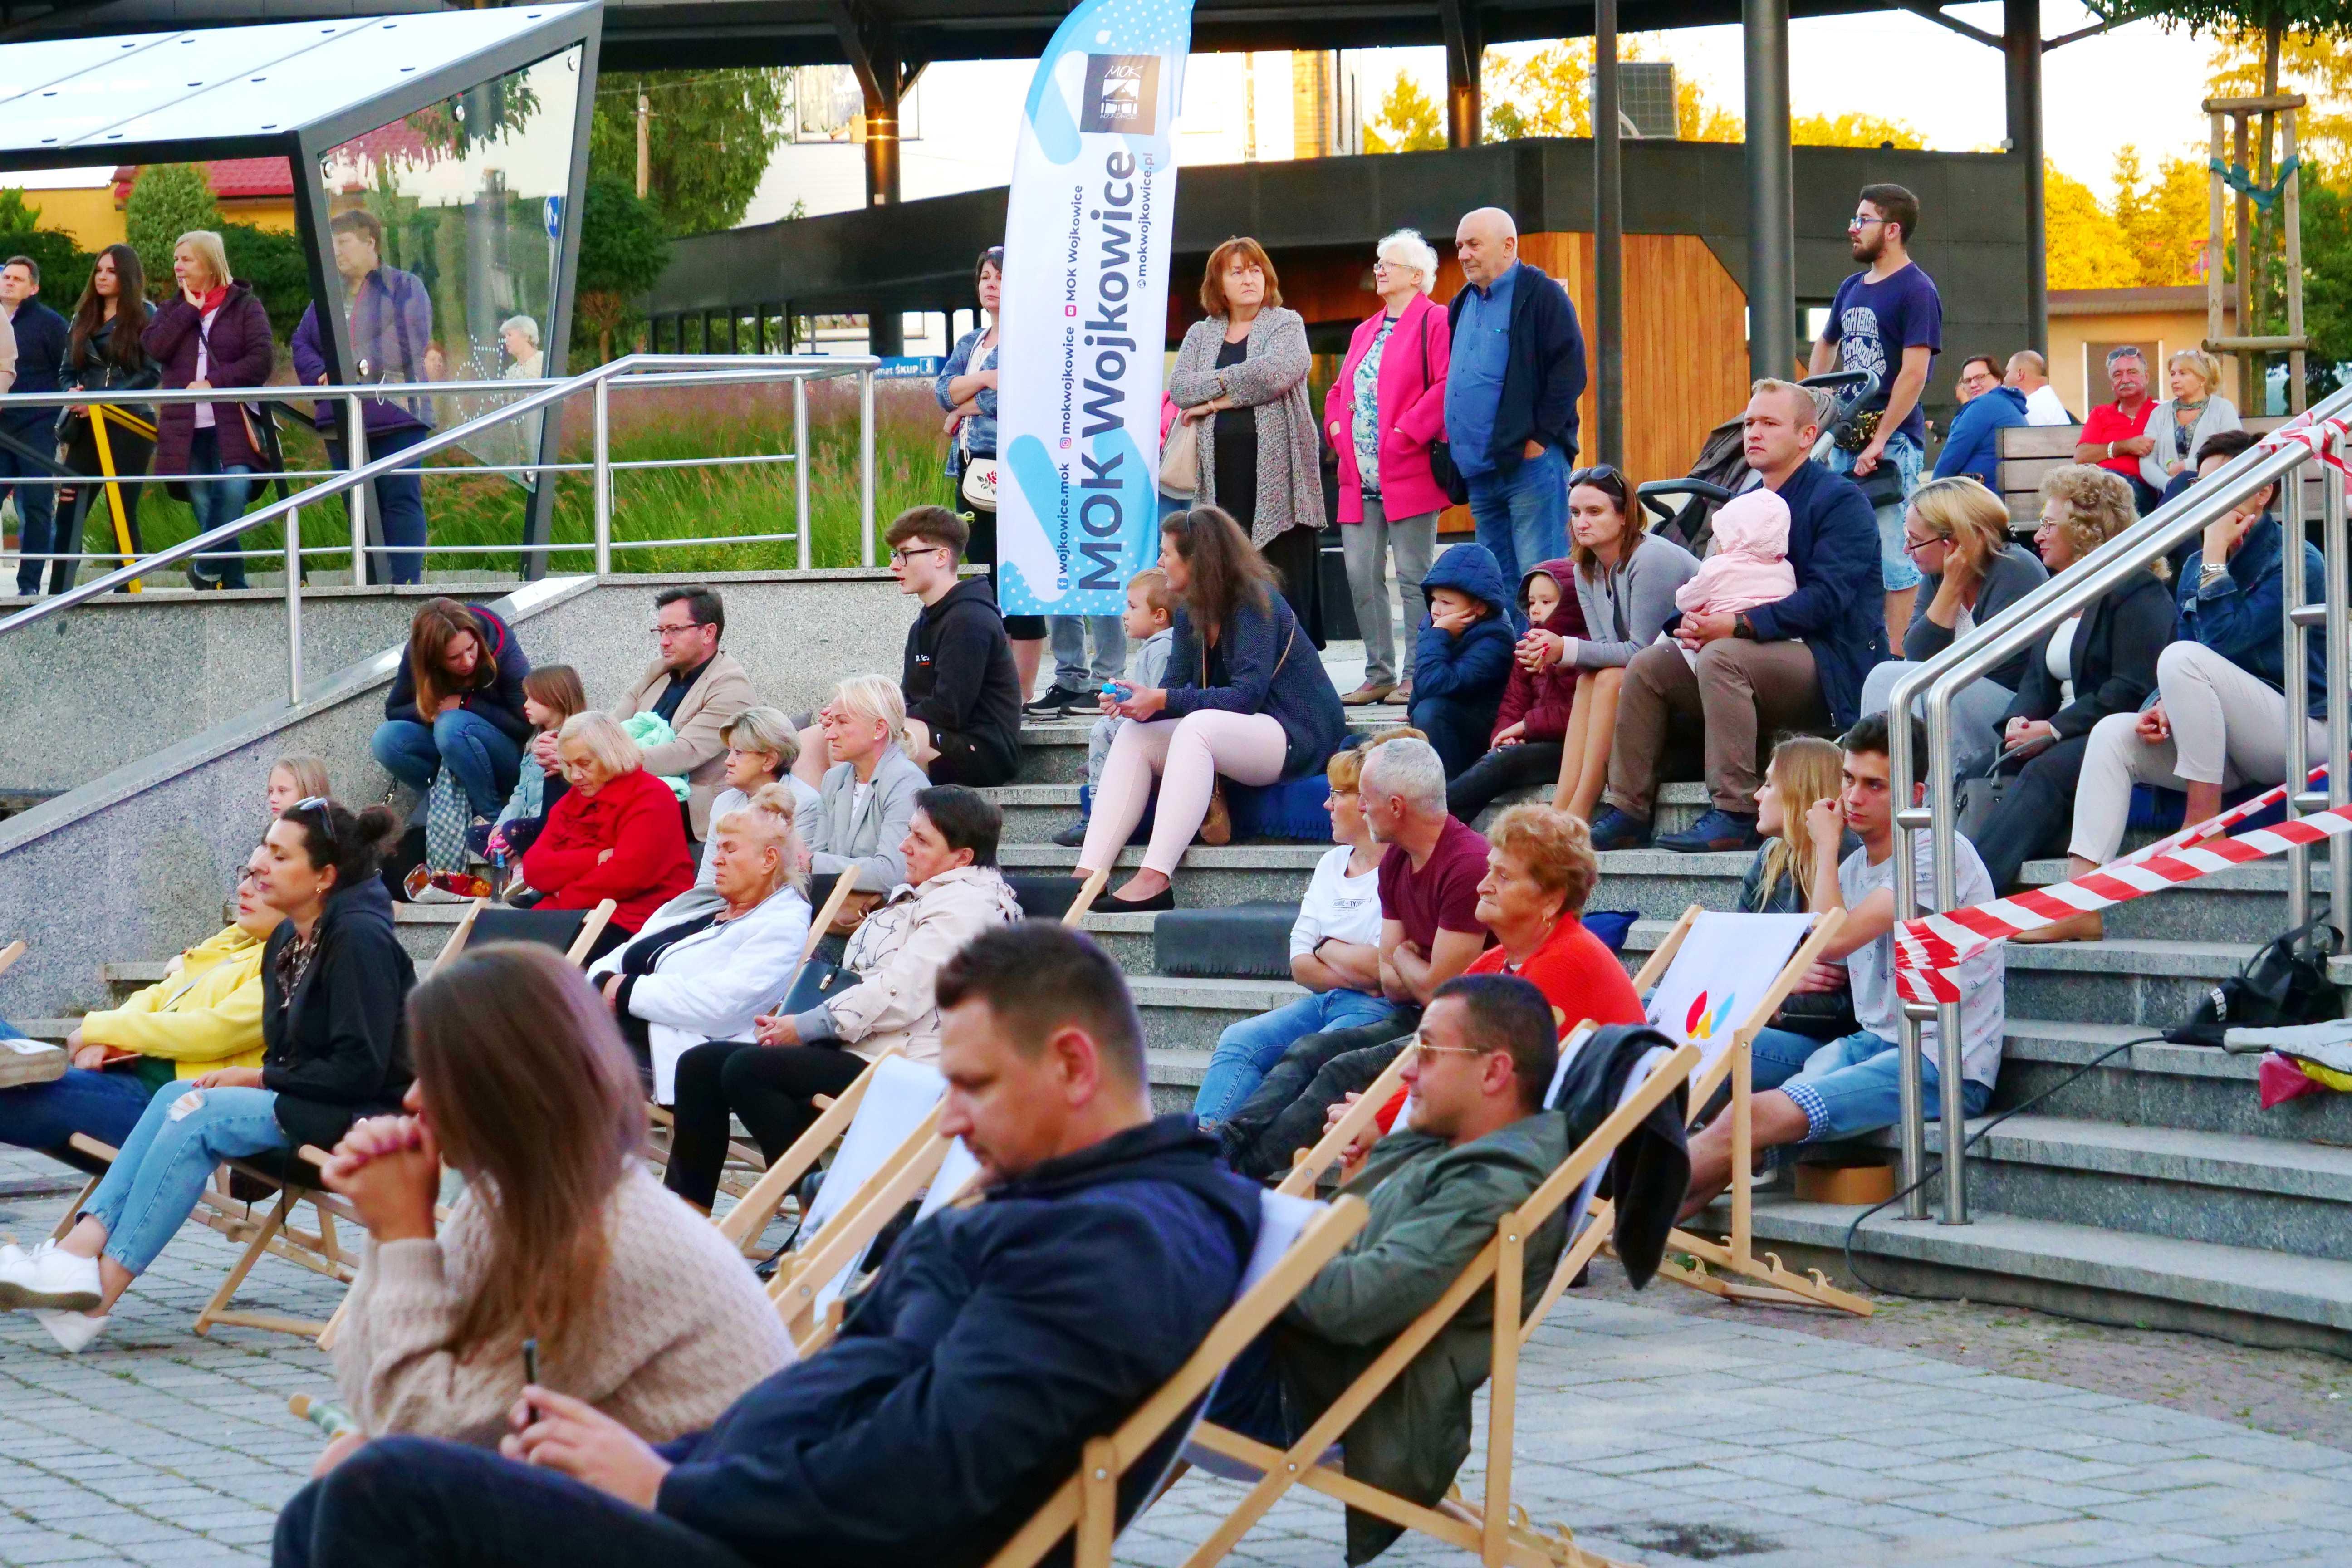 Publiczność podczas Wieczorku Muzycznego w Parku Miejskim, MOK Wojkowice